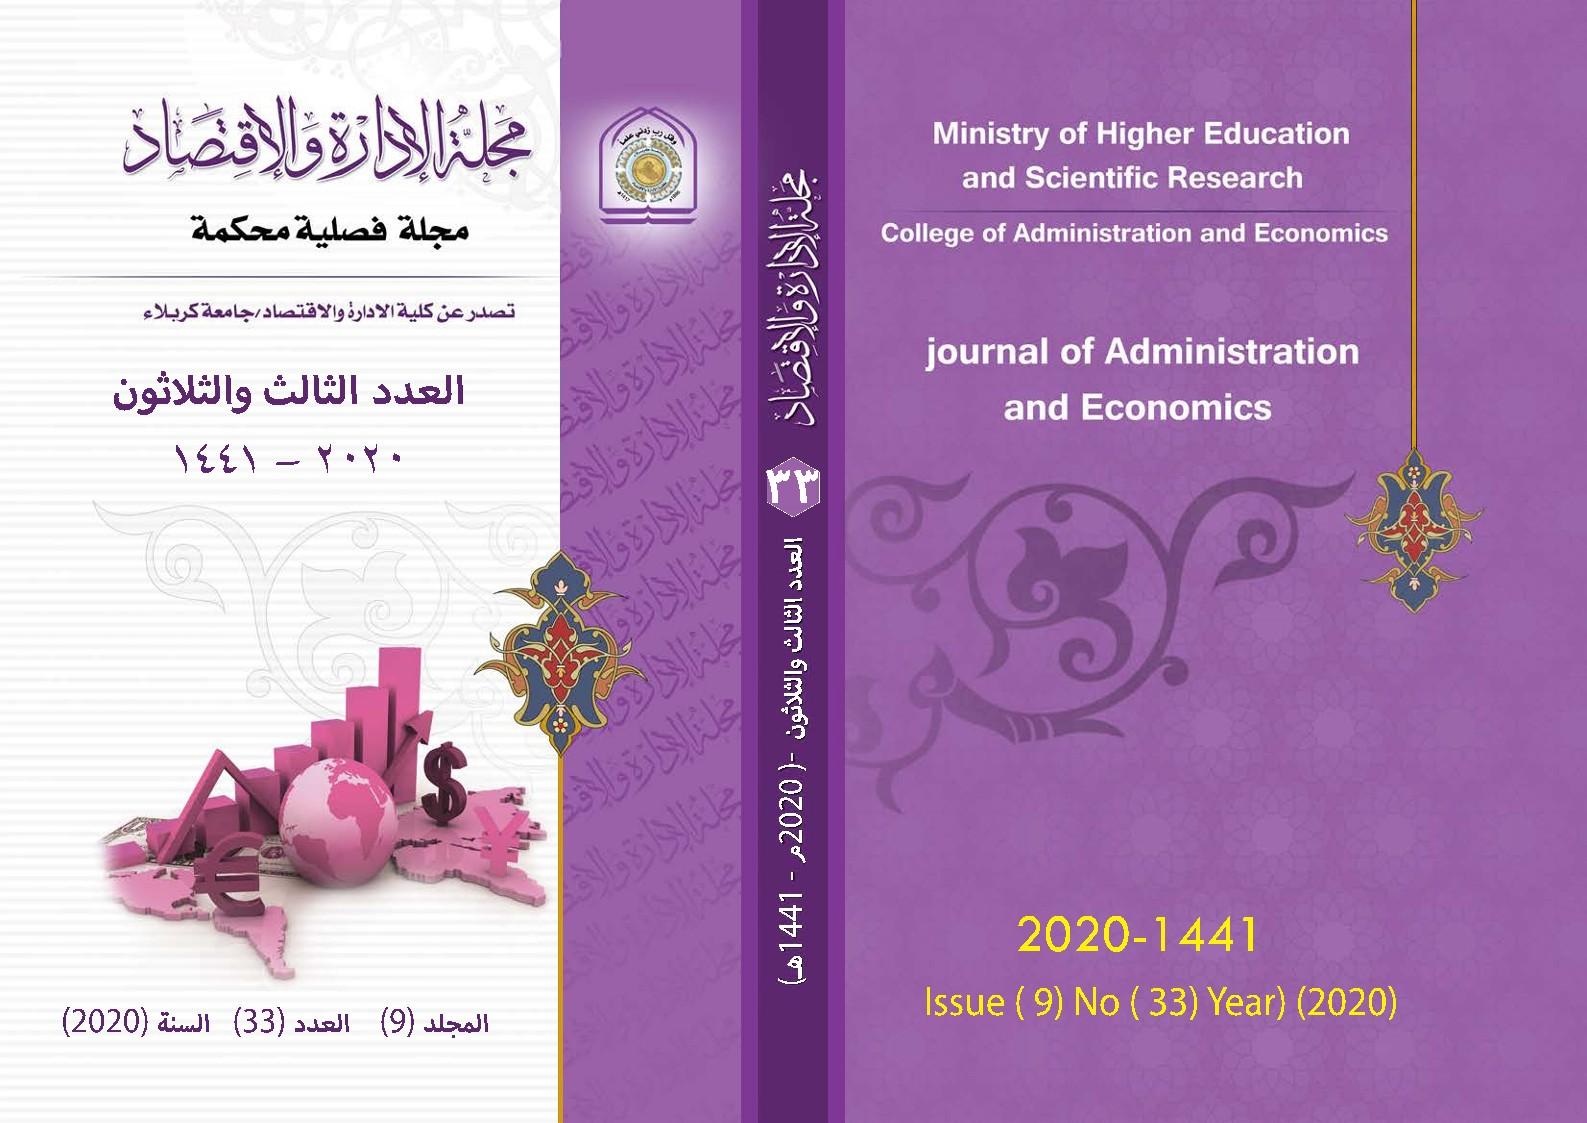 المجلد (9) العدد (33) سنة 2020